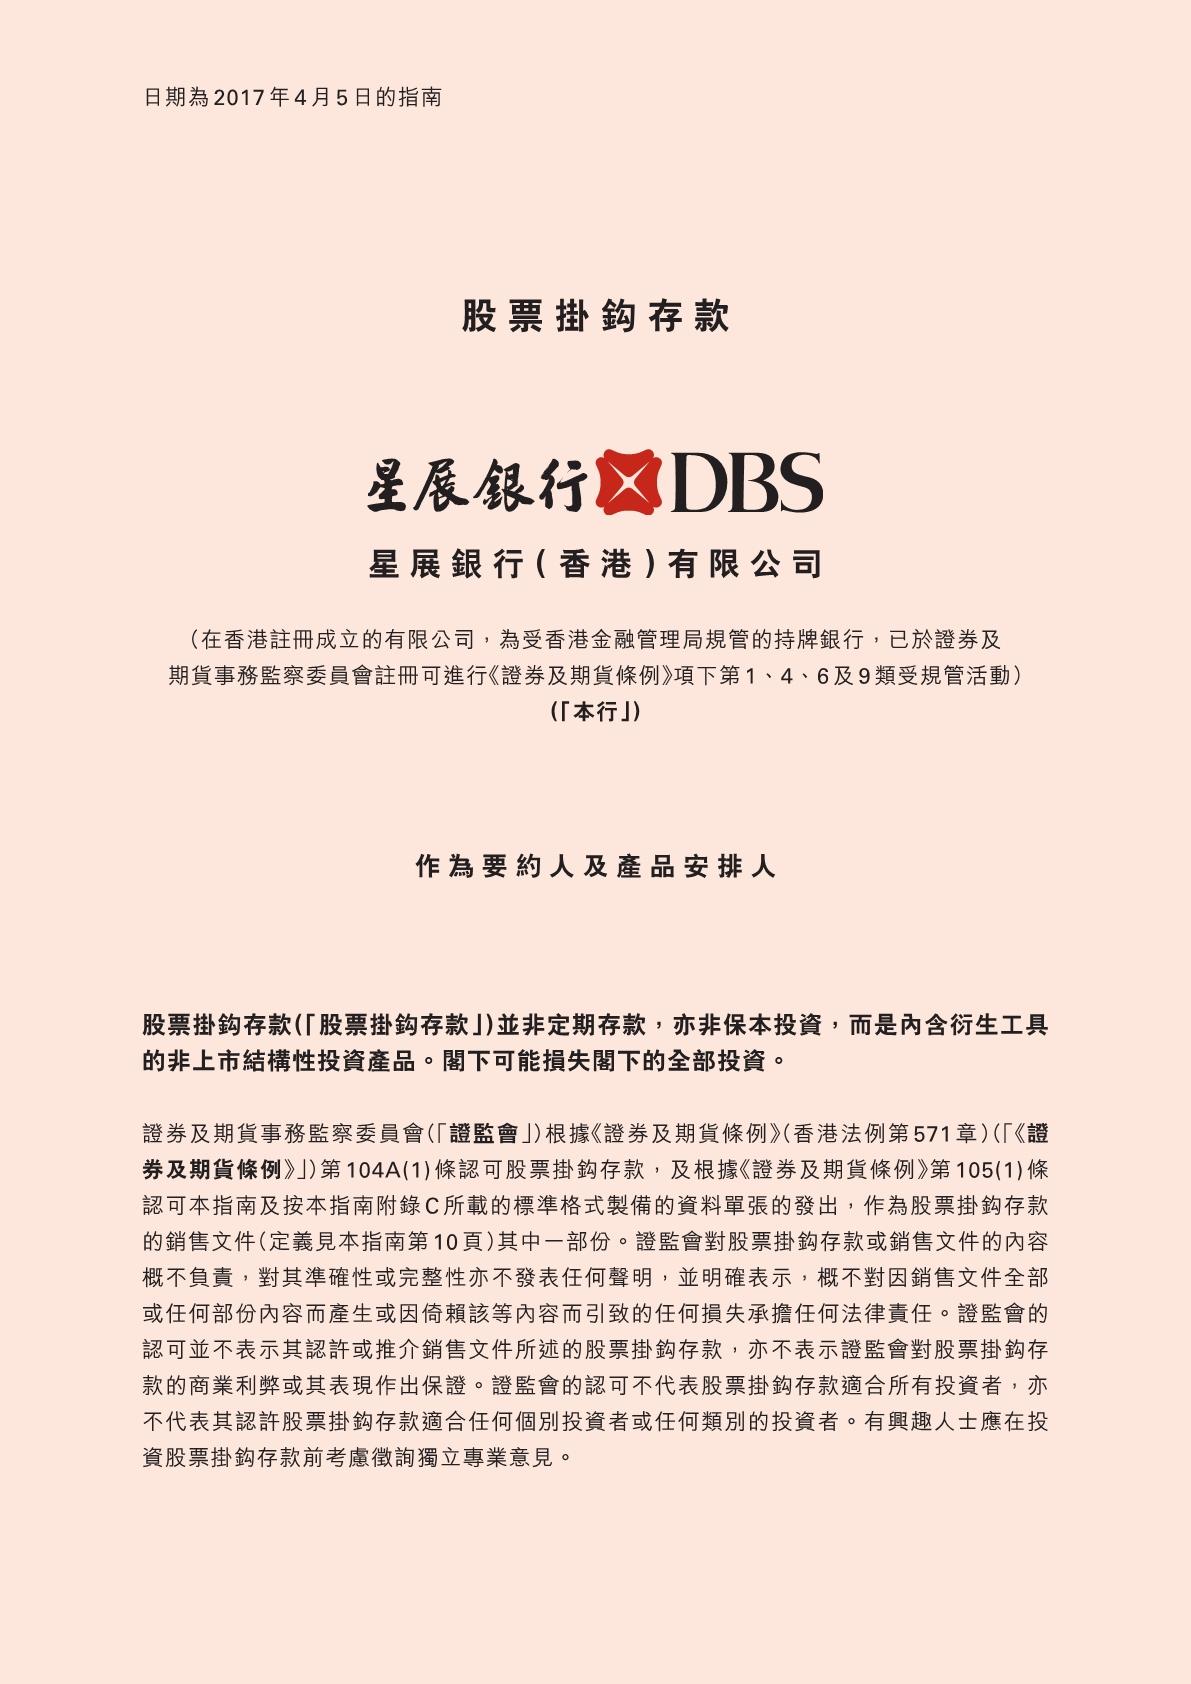 星展银行(香港)有限公司 – 指南